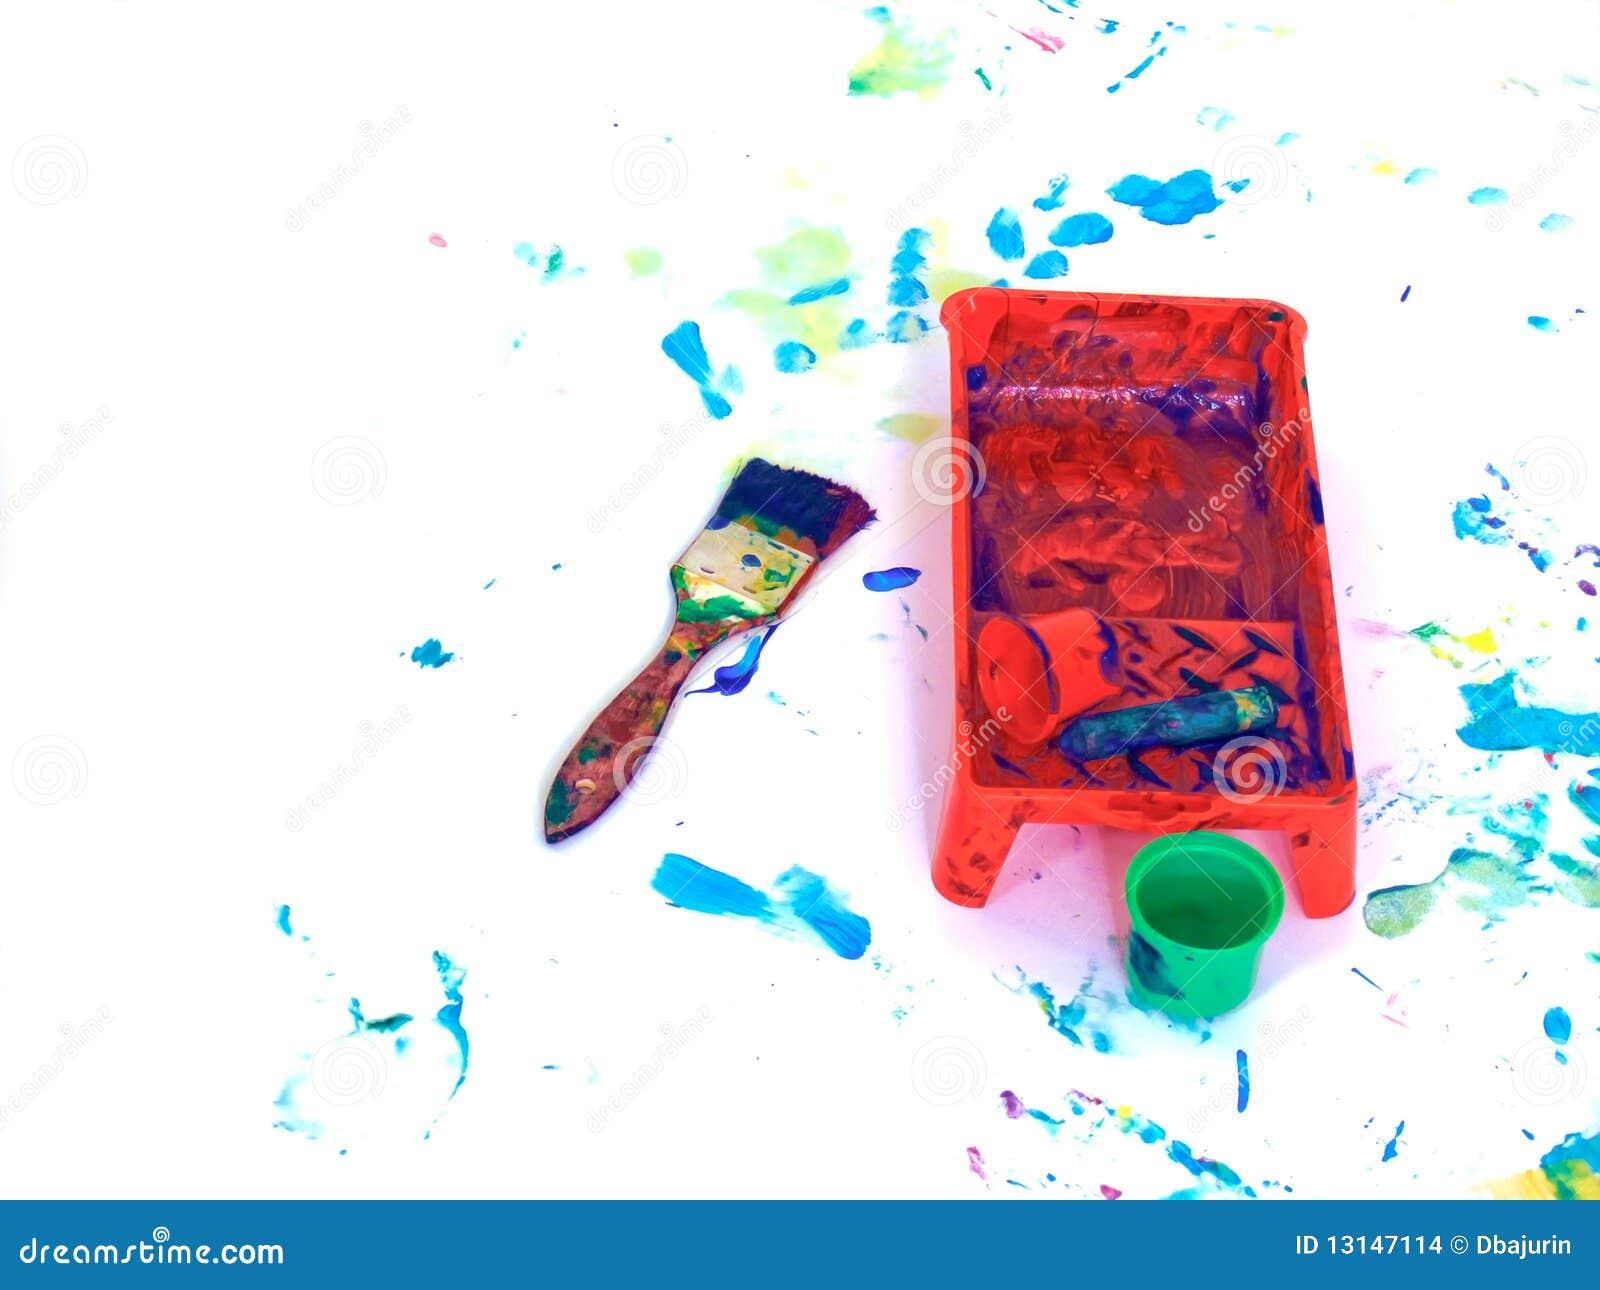 Cour De Jeu De Peinture De Main D'enfants Images stock - Image: 13147114